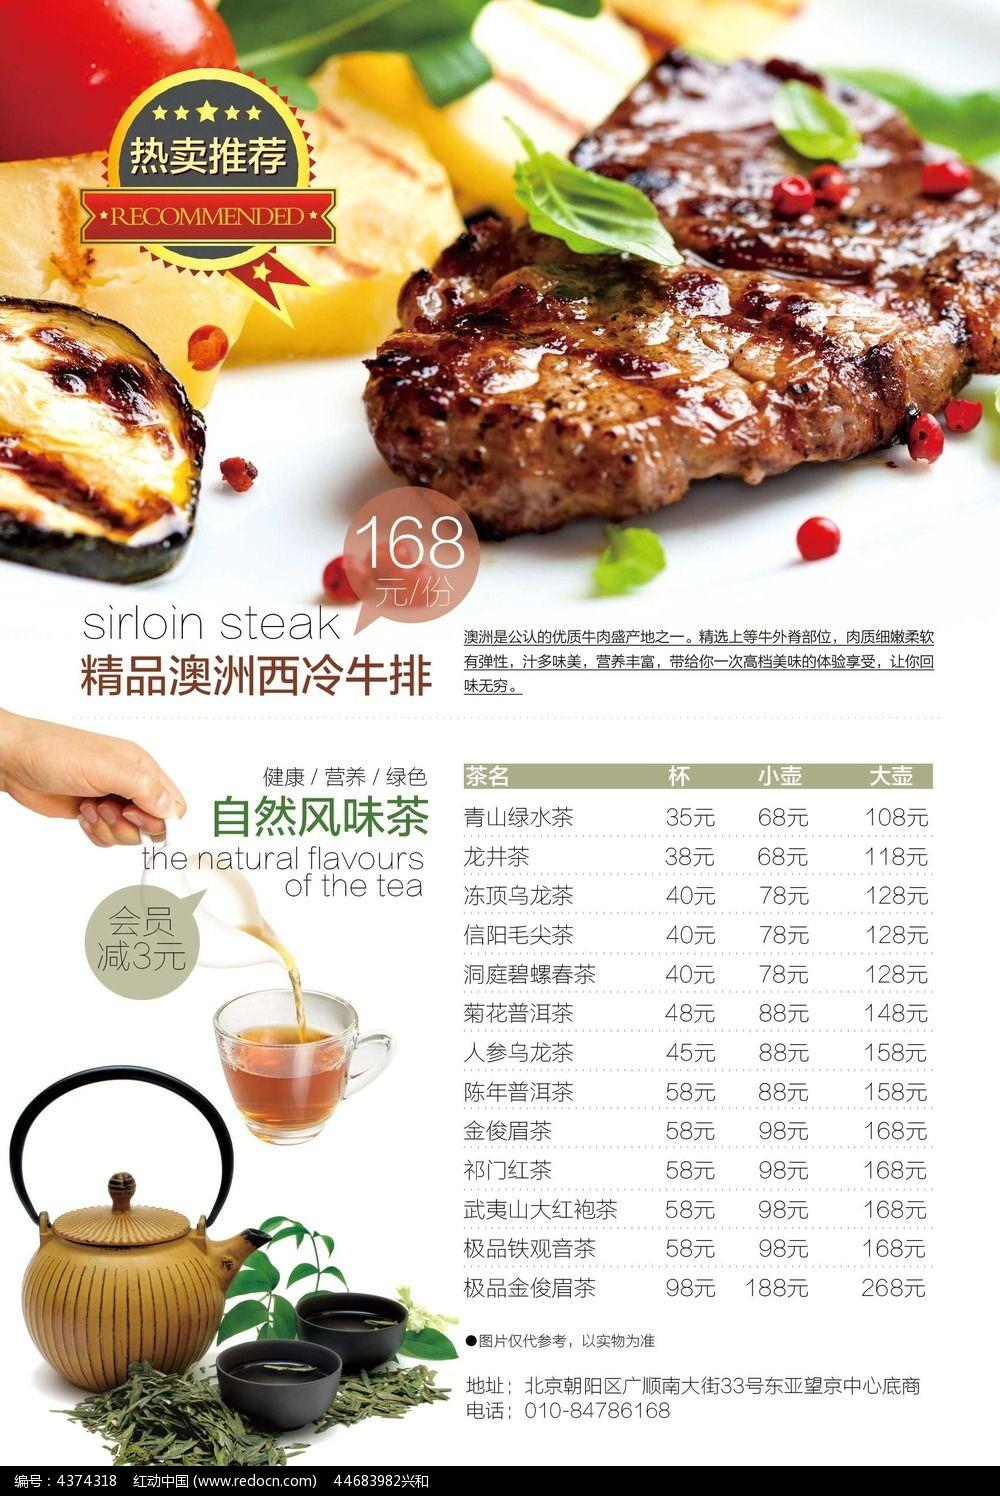 简约餐厅宣传单页模板psd素材下载_宣传单 彩页 dm单